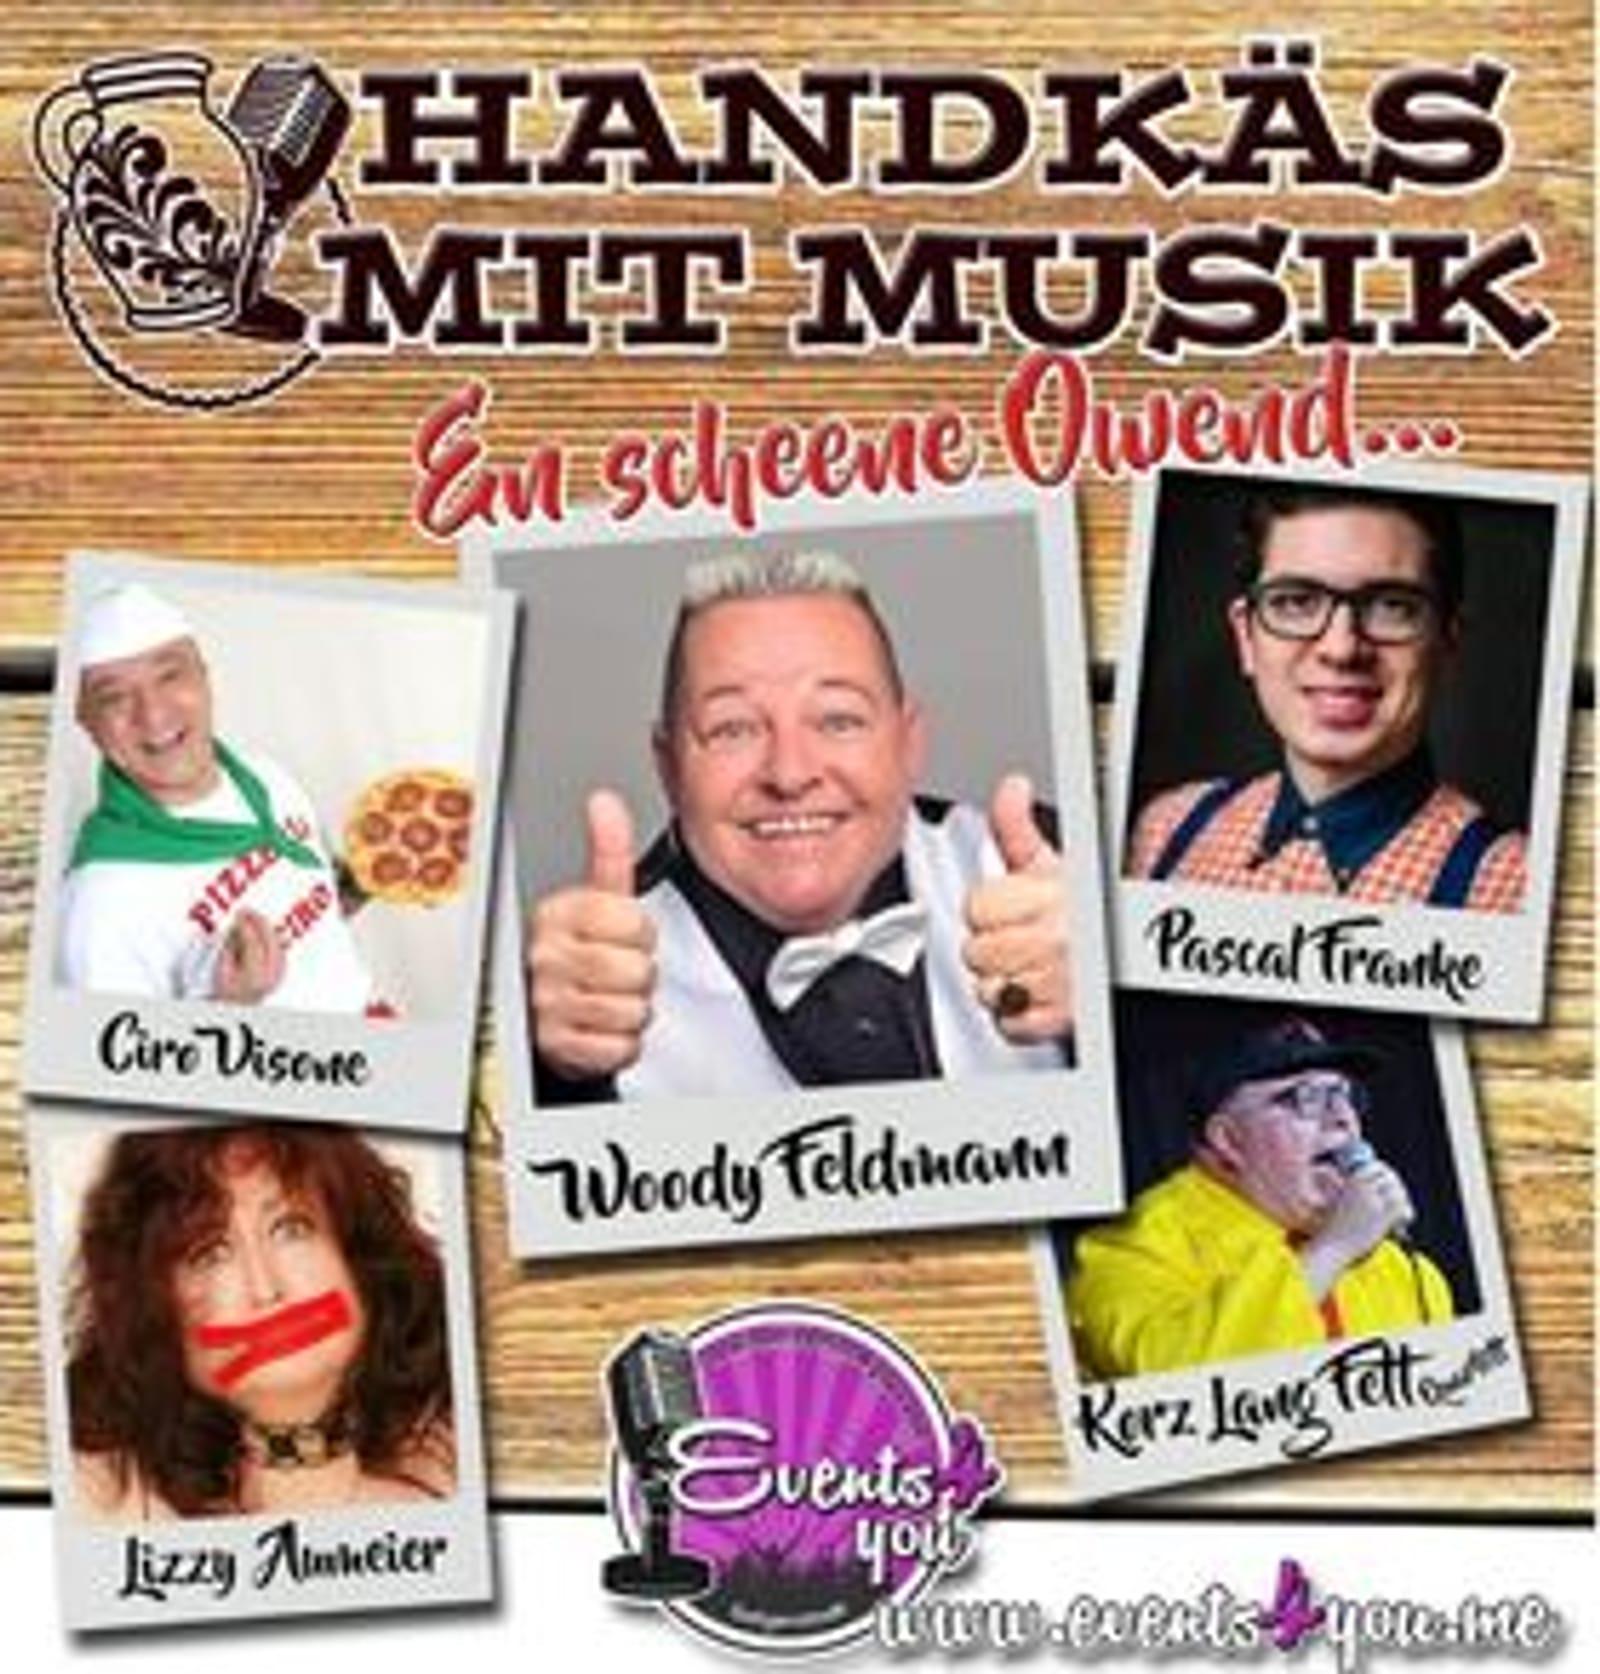 """Handkäs mit Musik - """"En scheene Owend"""""""